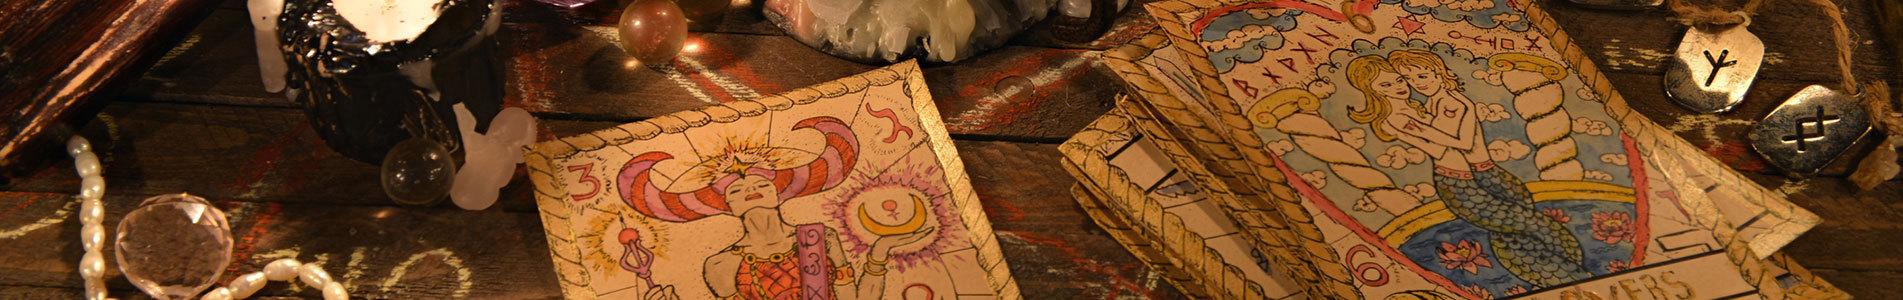 Magician Aldershot, Mind Reader Aldershot, Mentalism Aldershot